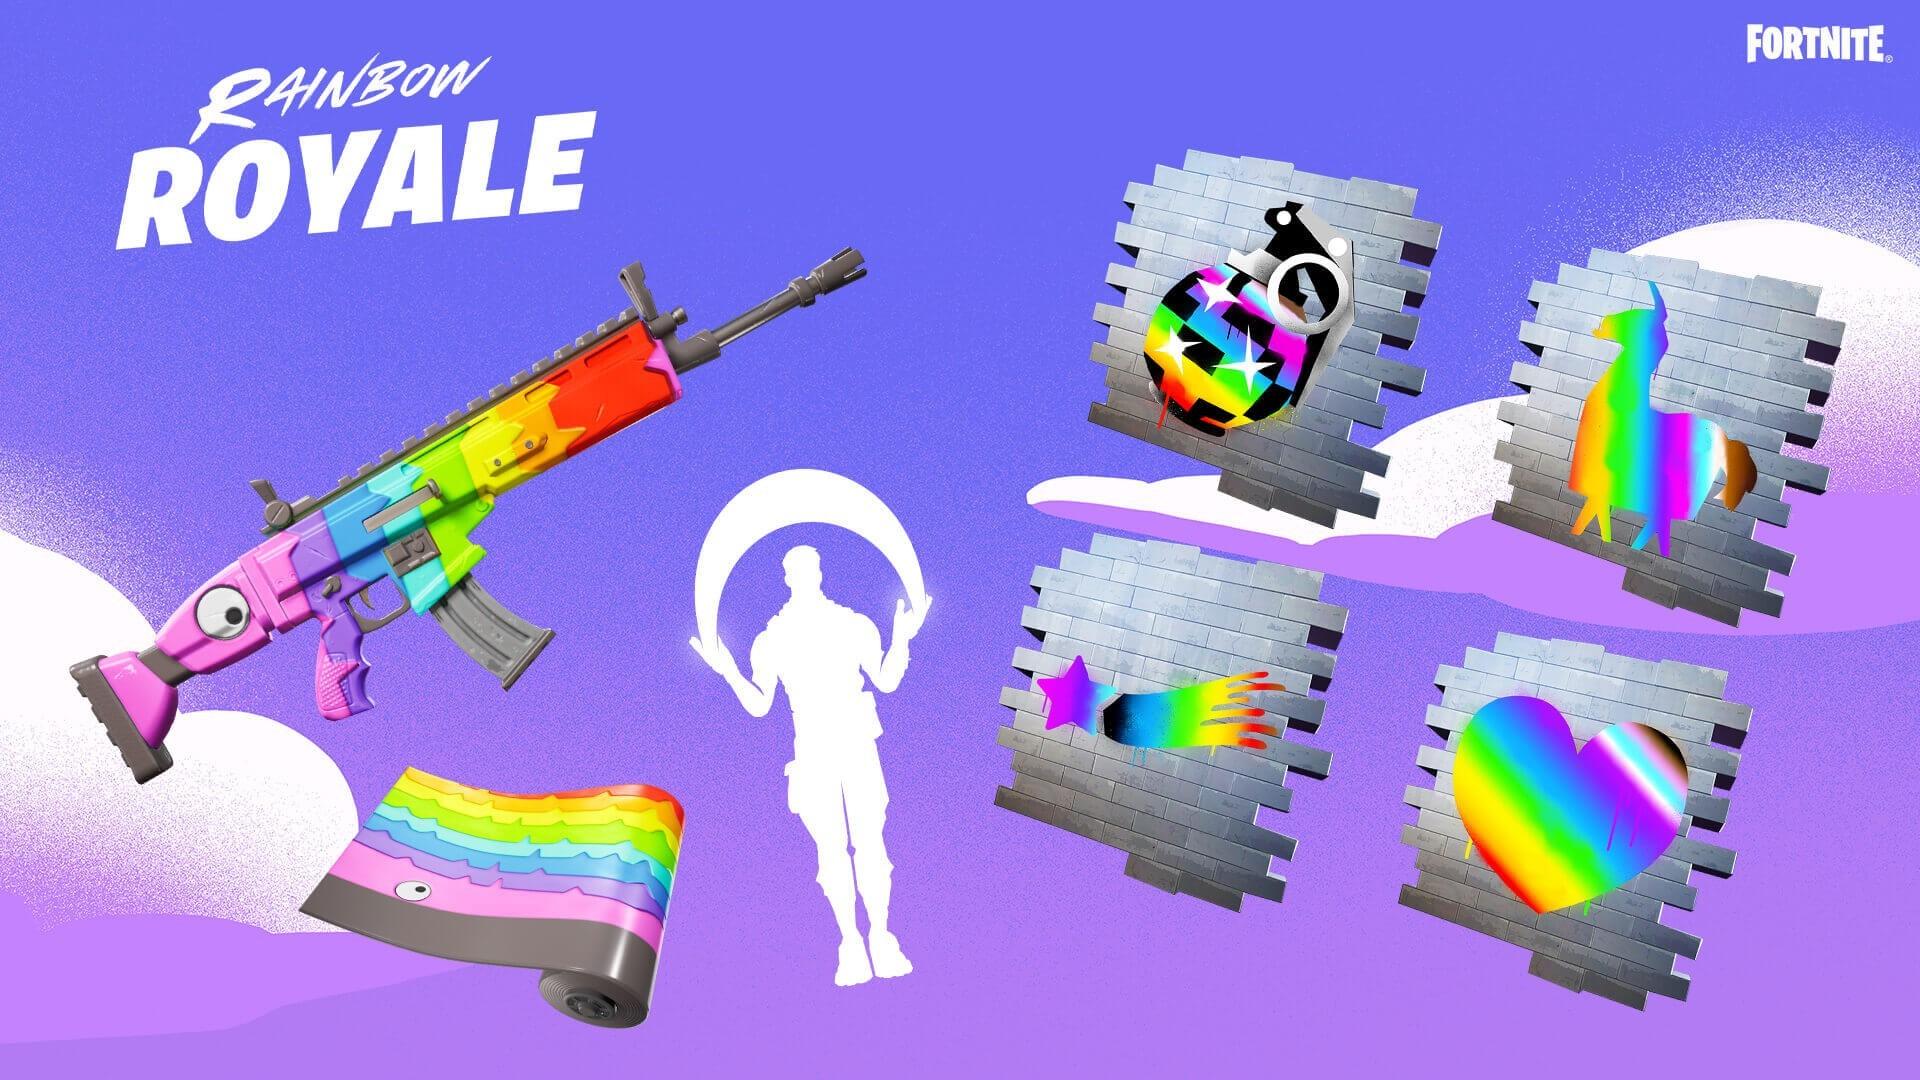 В Fortnite запустили ивент который направлен на поддержку ЛГБТ